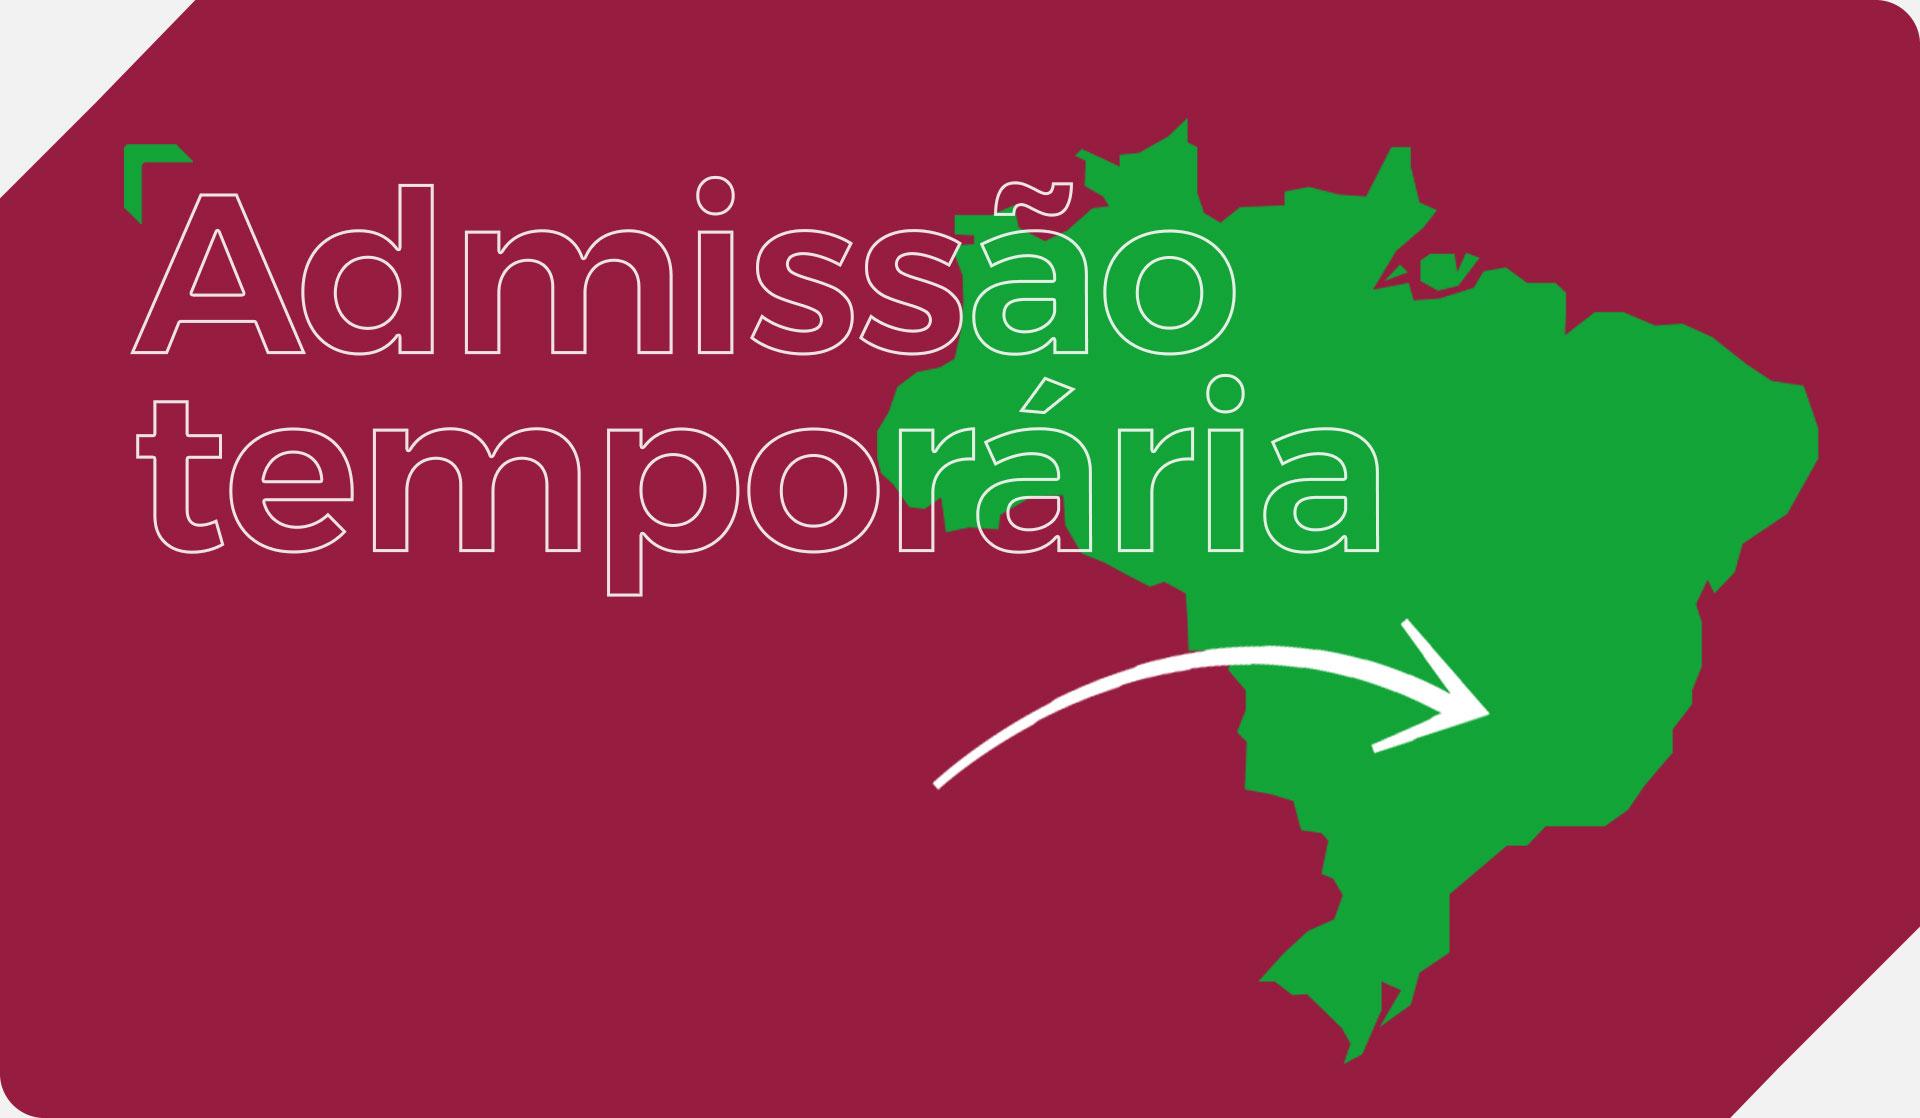 pm-logistica-regimes-especiais-admissao-temporaria